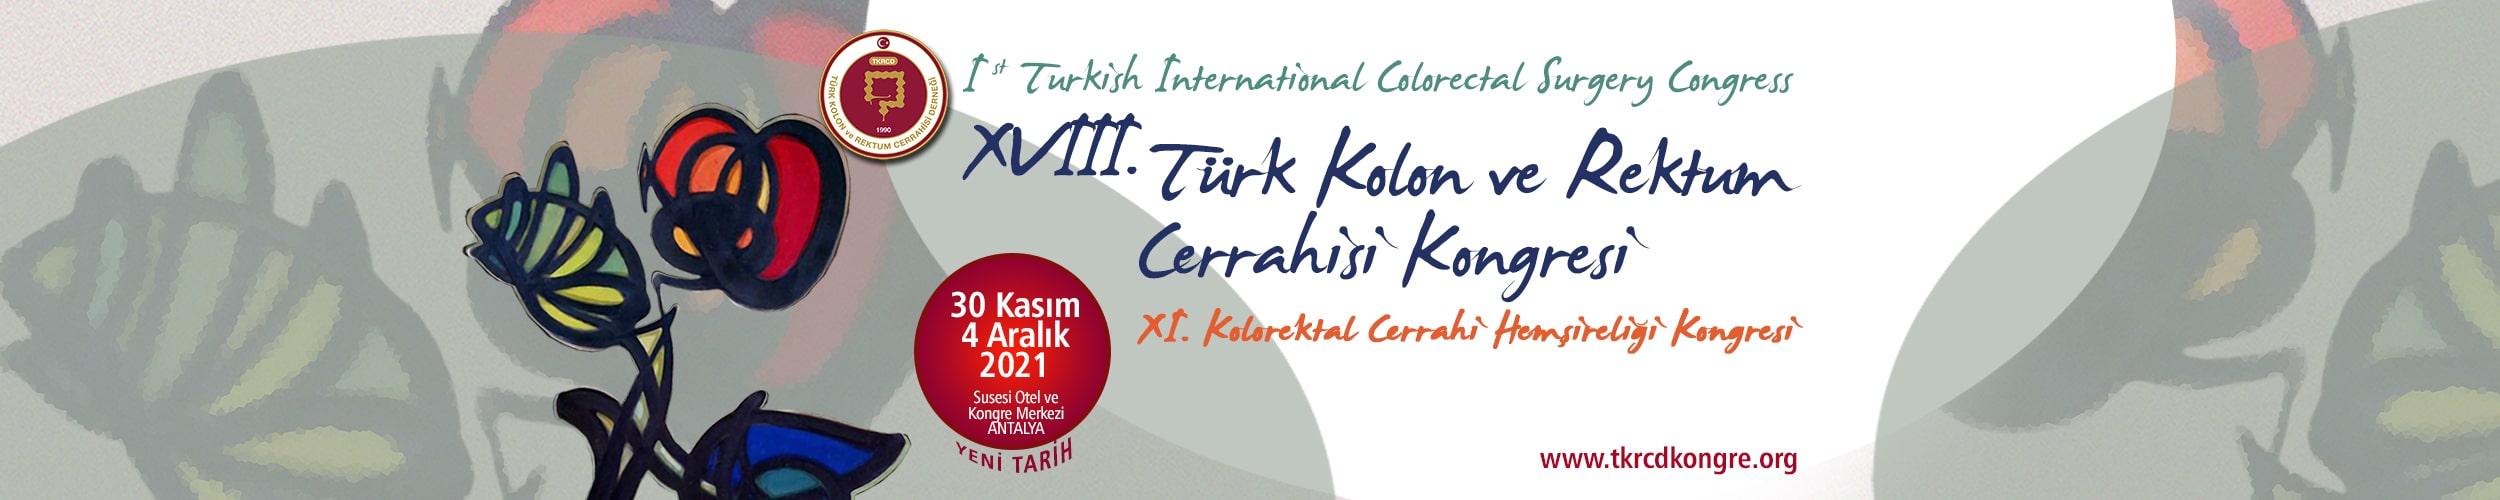 XVIII. Türk Kolon ve Rektum Cerrahisi Kongresi